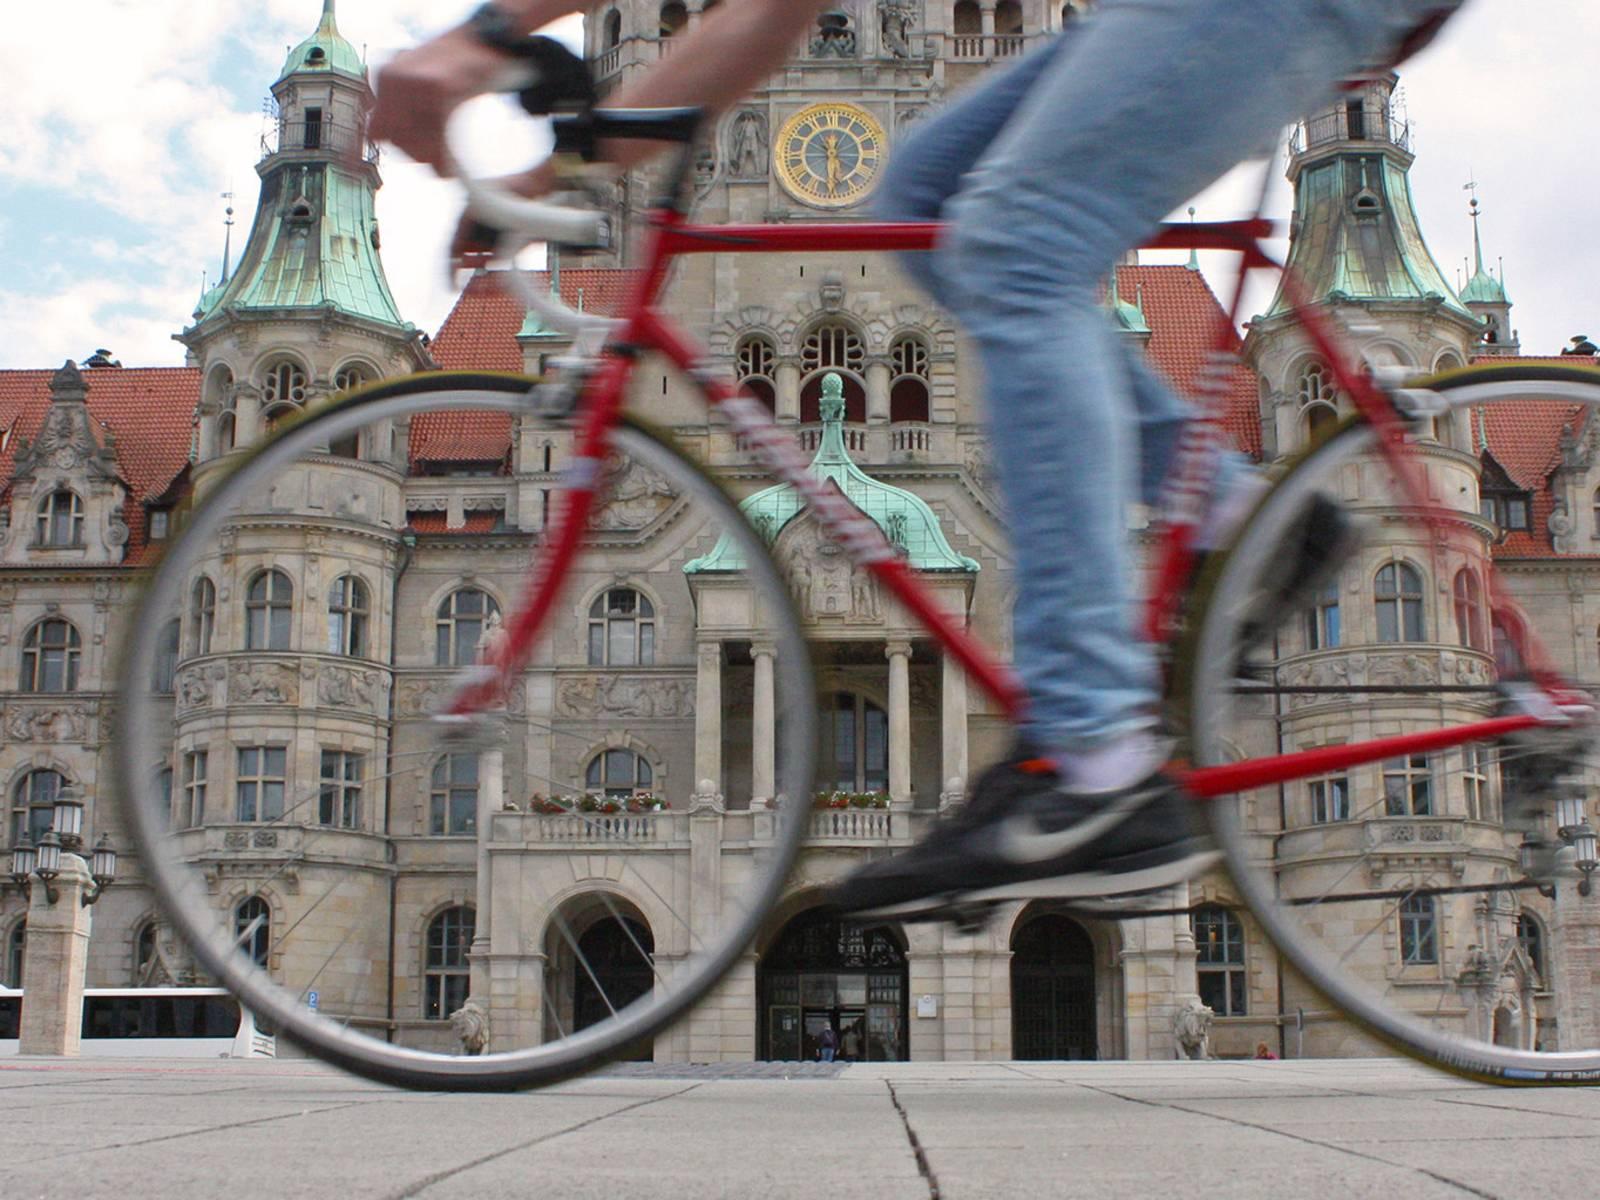 Ein Radfahrer, der an einem Gebäude vorbeifährt.